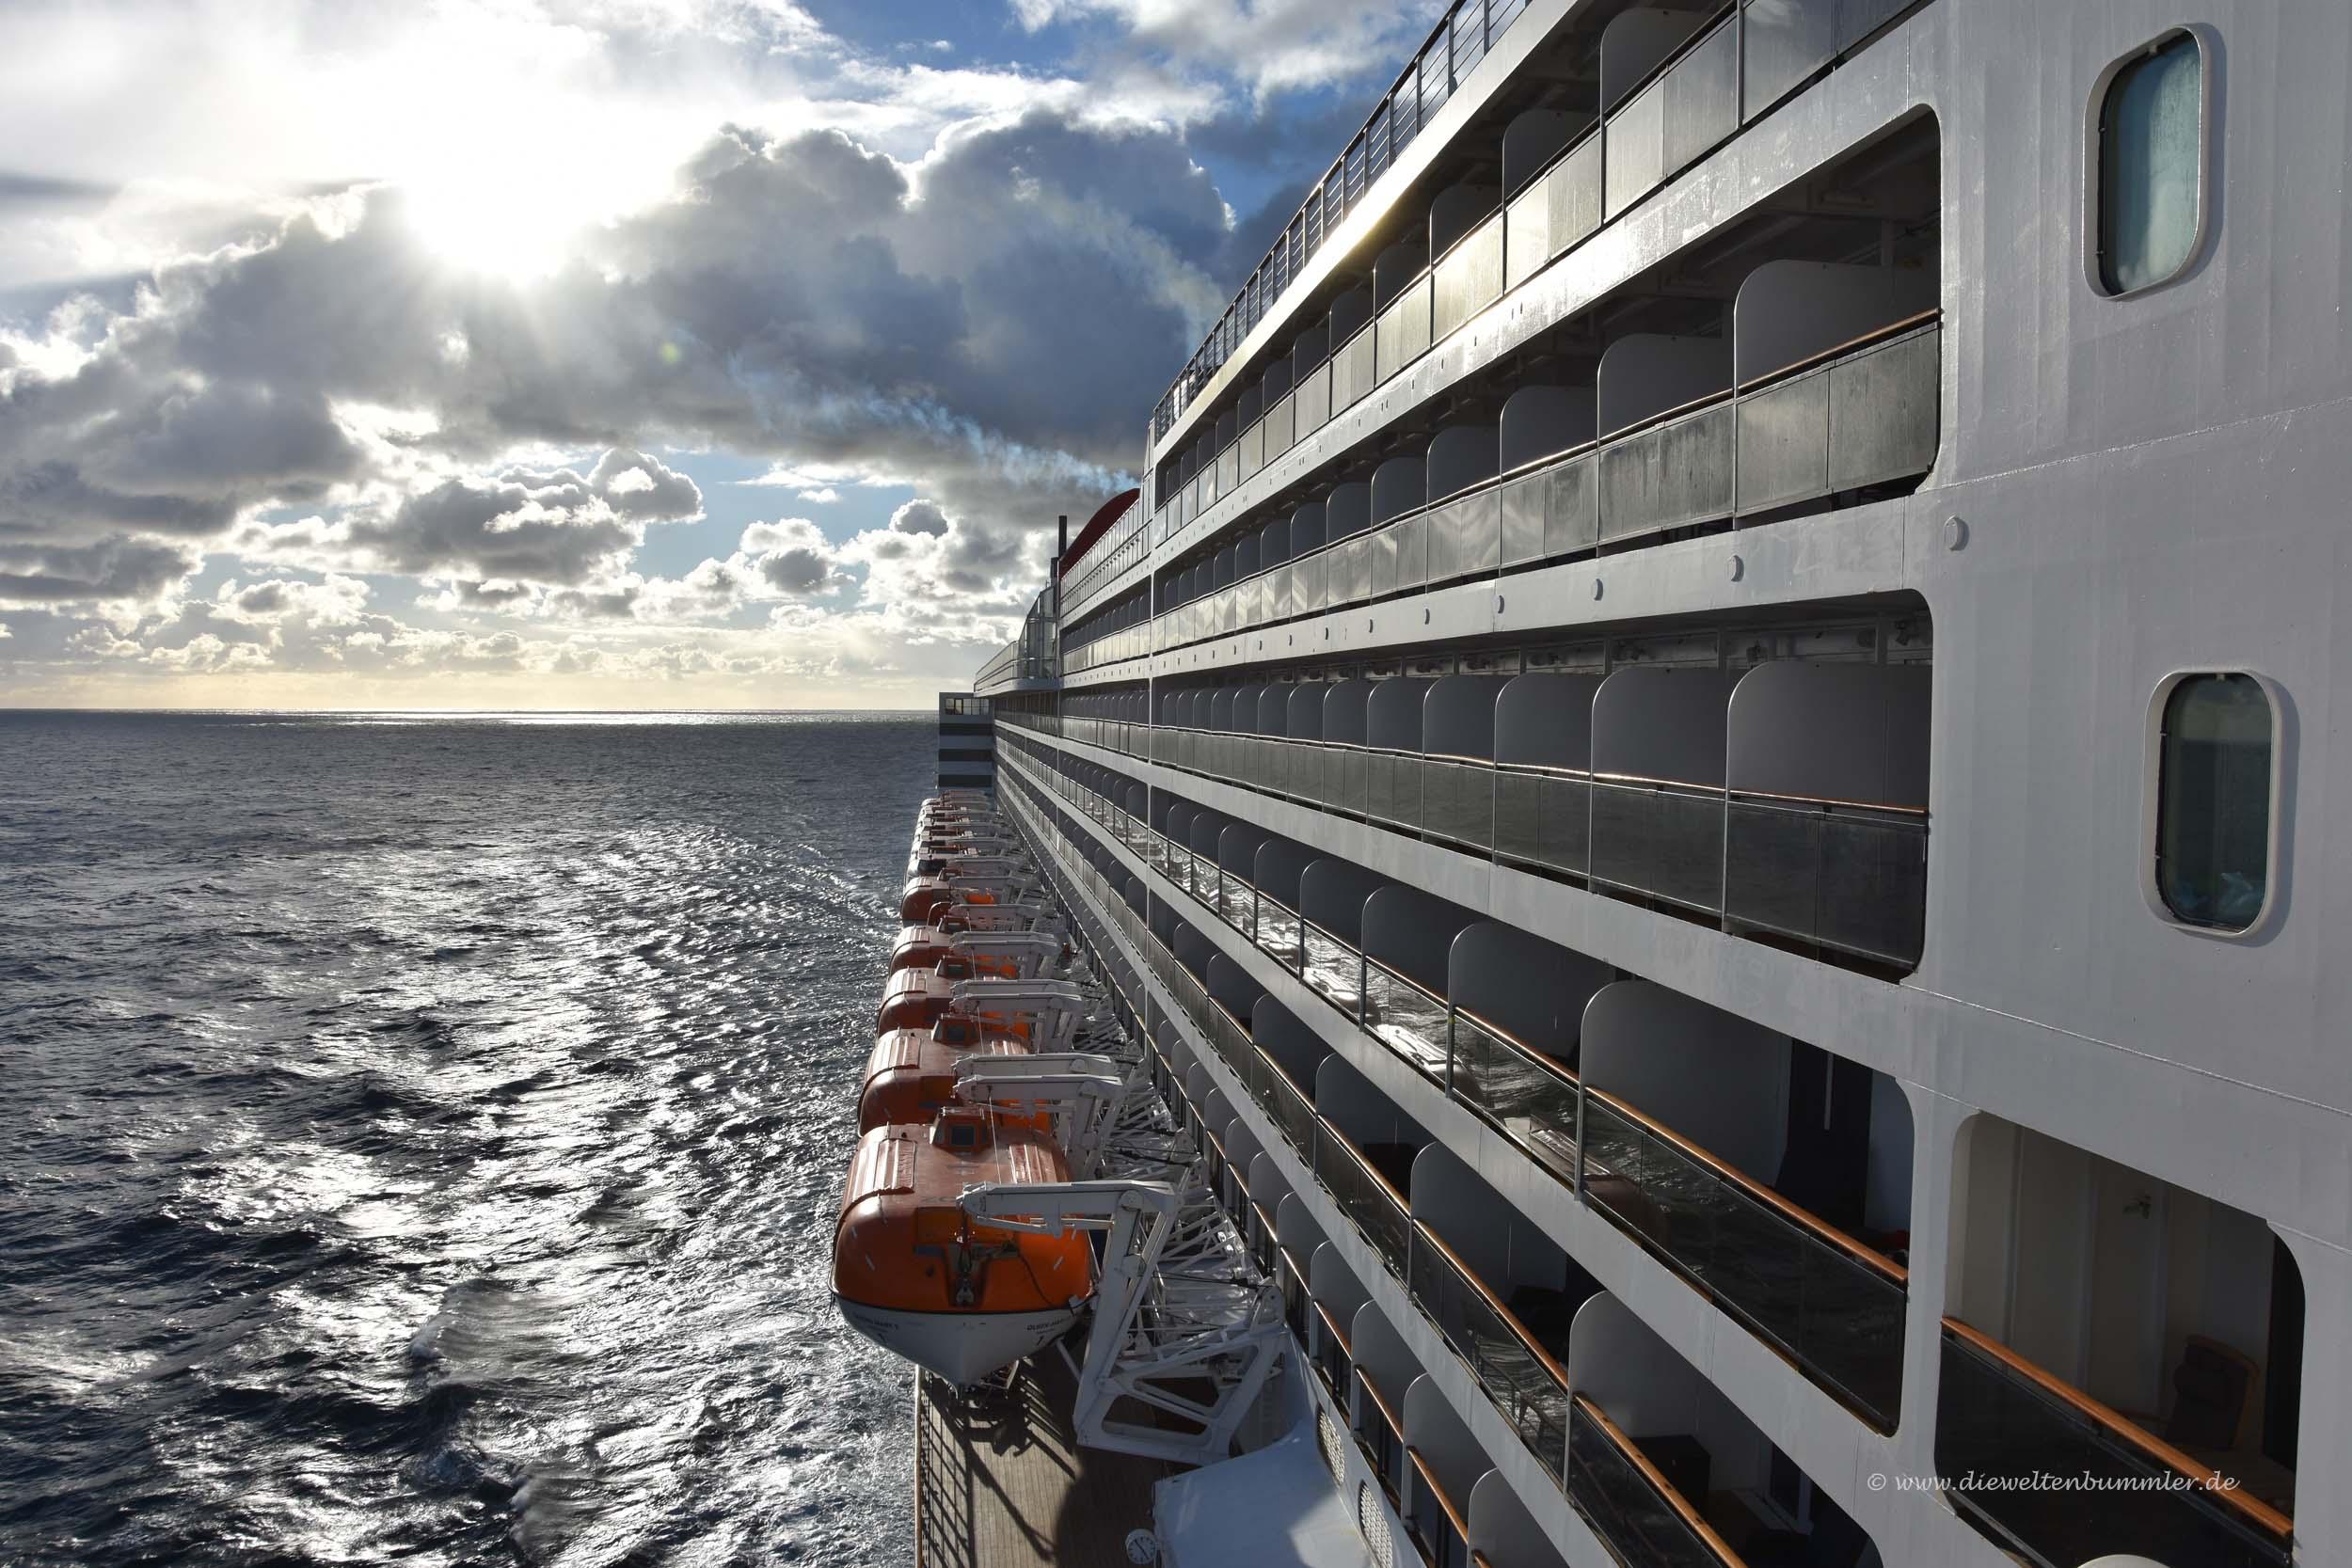 Auf der Queen Mary 2 kann man das Schiff auch von der Seite sehen